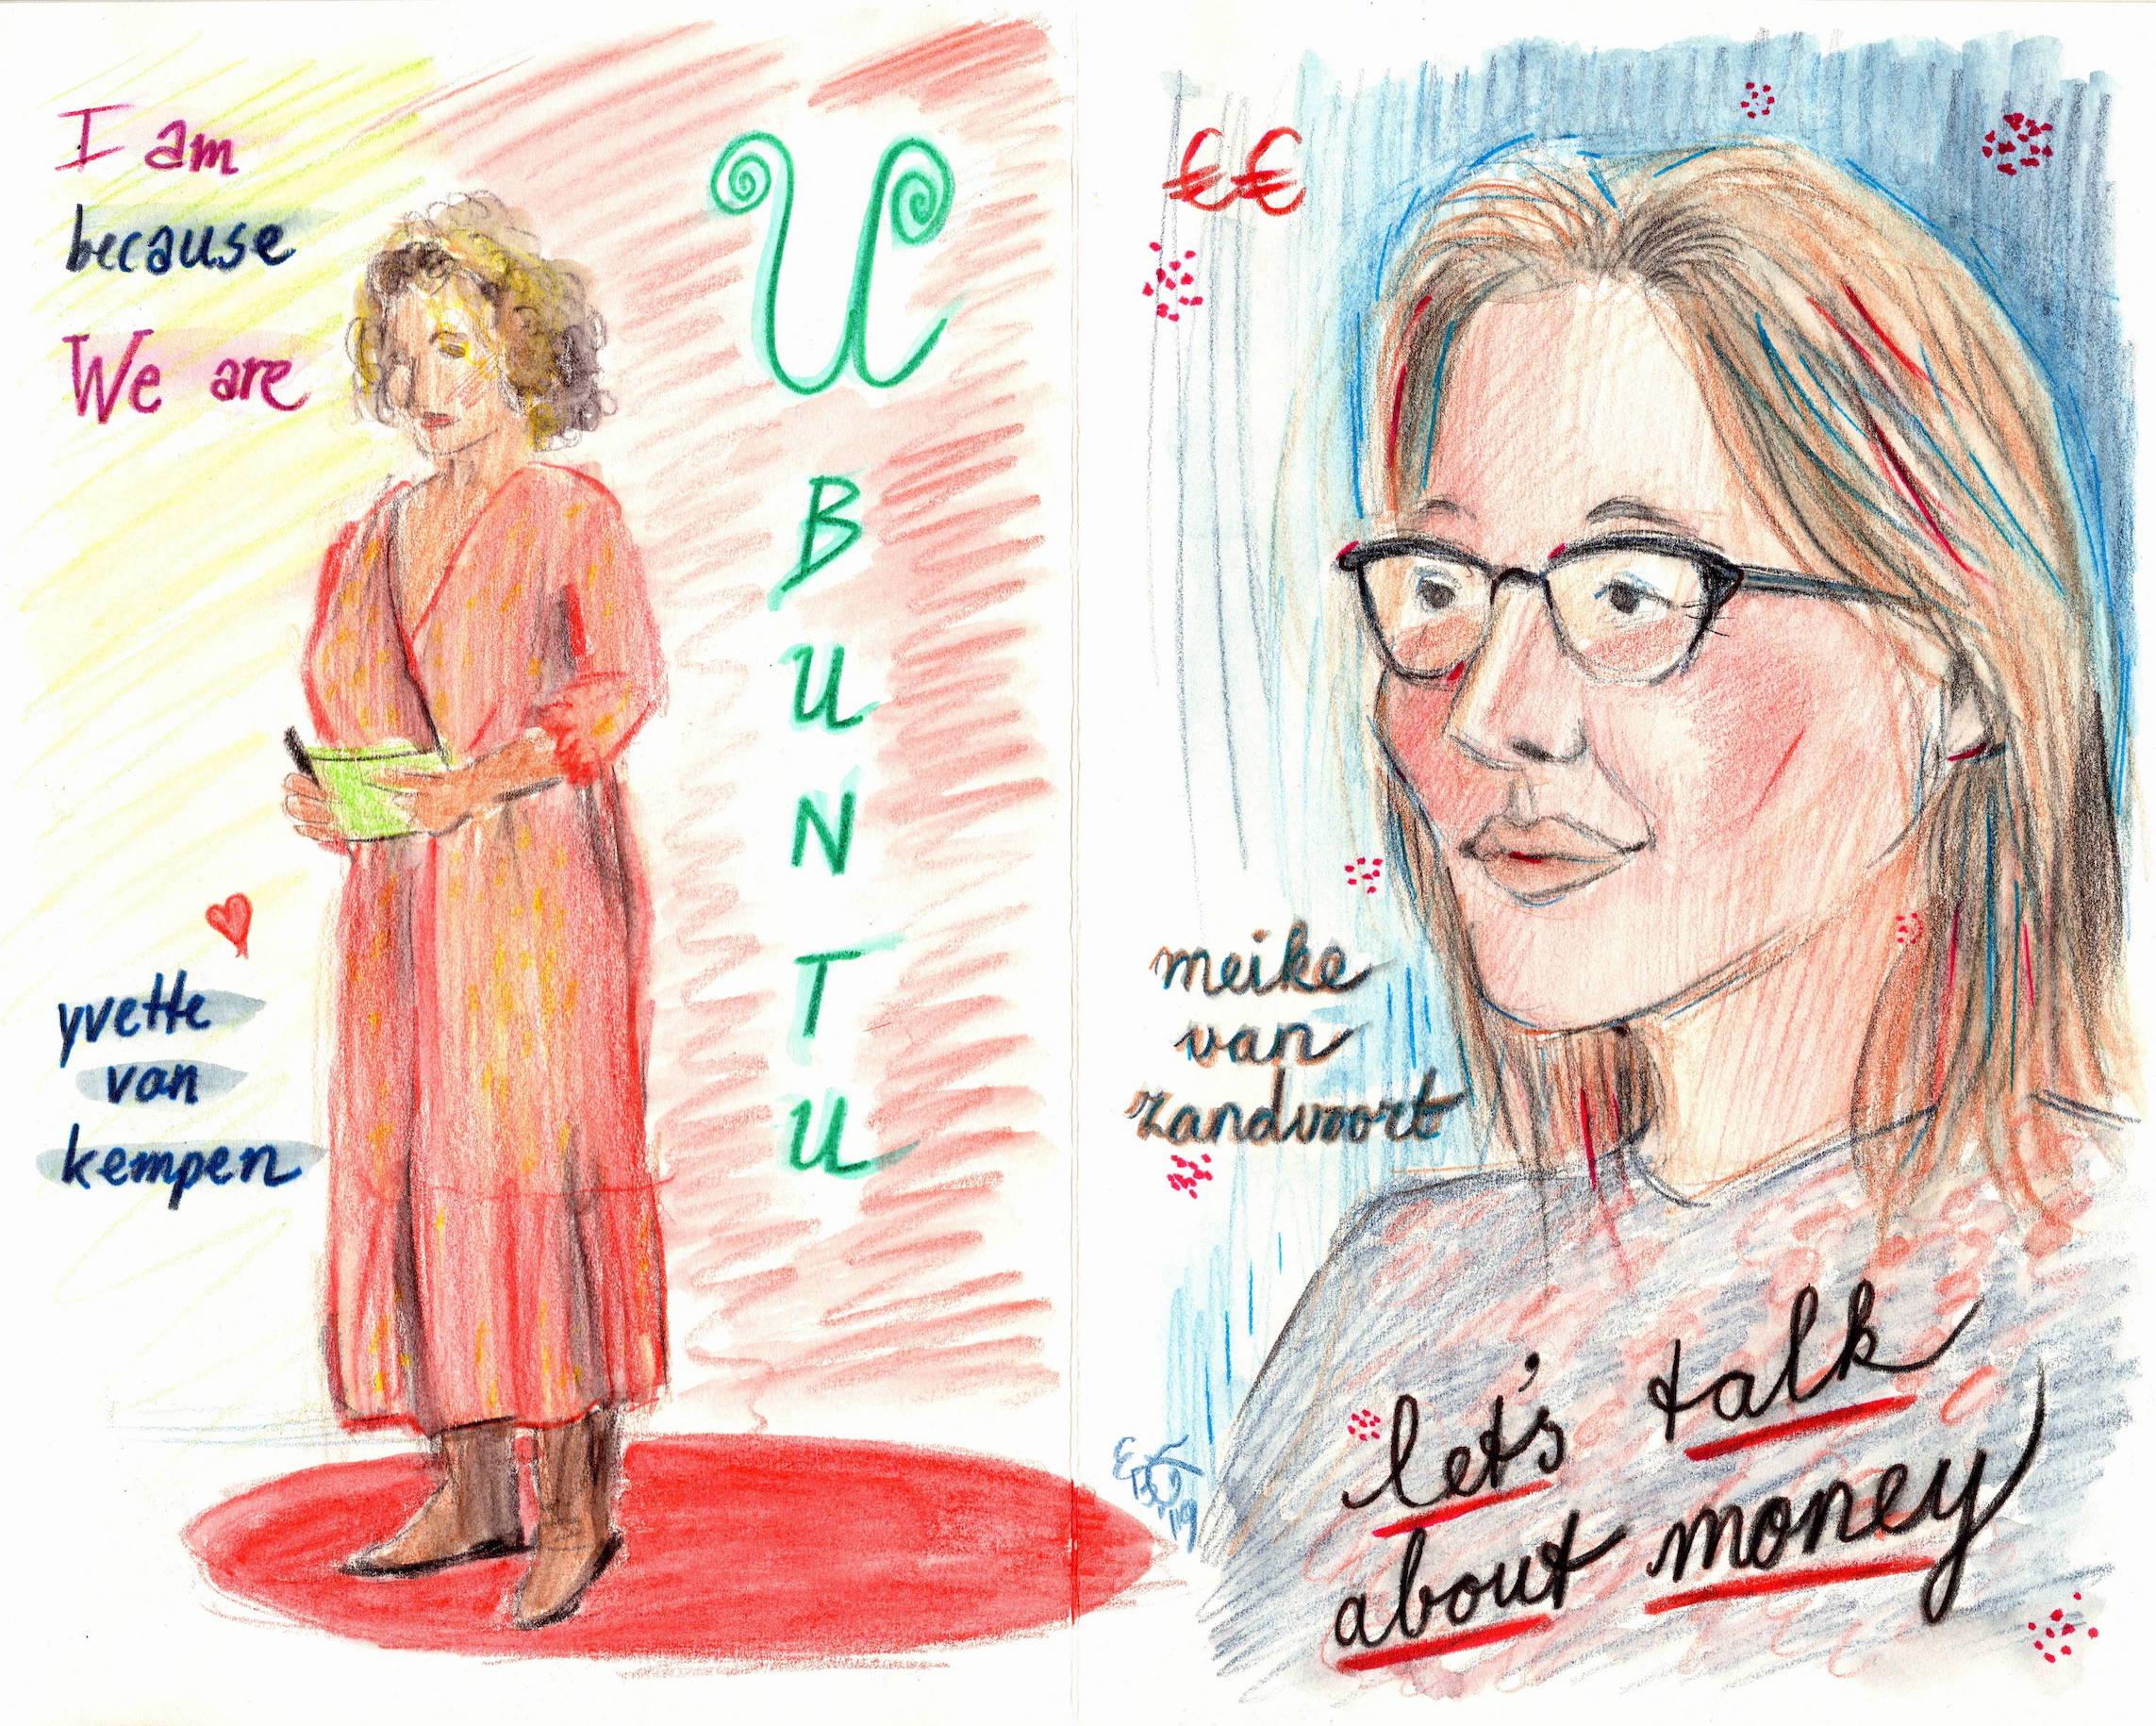 Yvette van Kempen & Meike van Zandvoort, TEDxTilburg, 6 April 2019 (c) Emma Bijloos